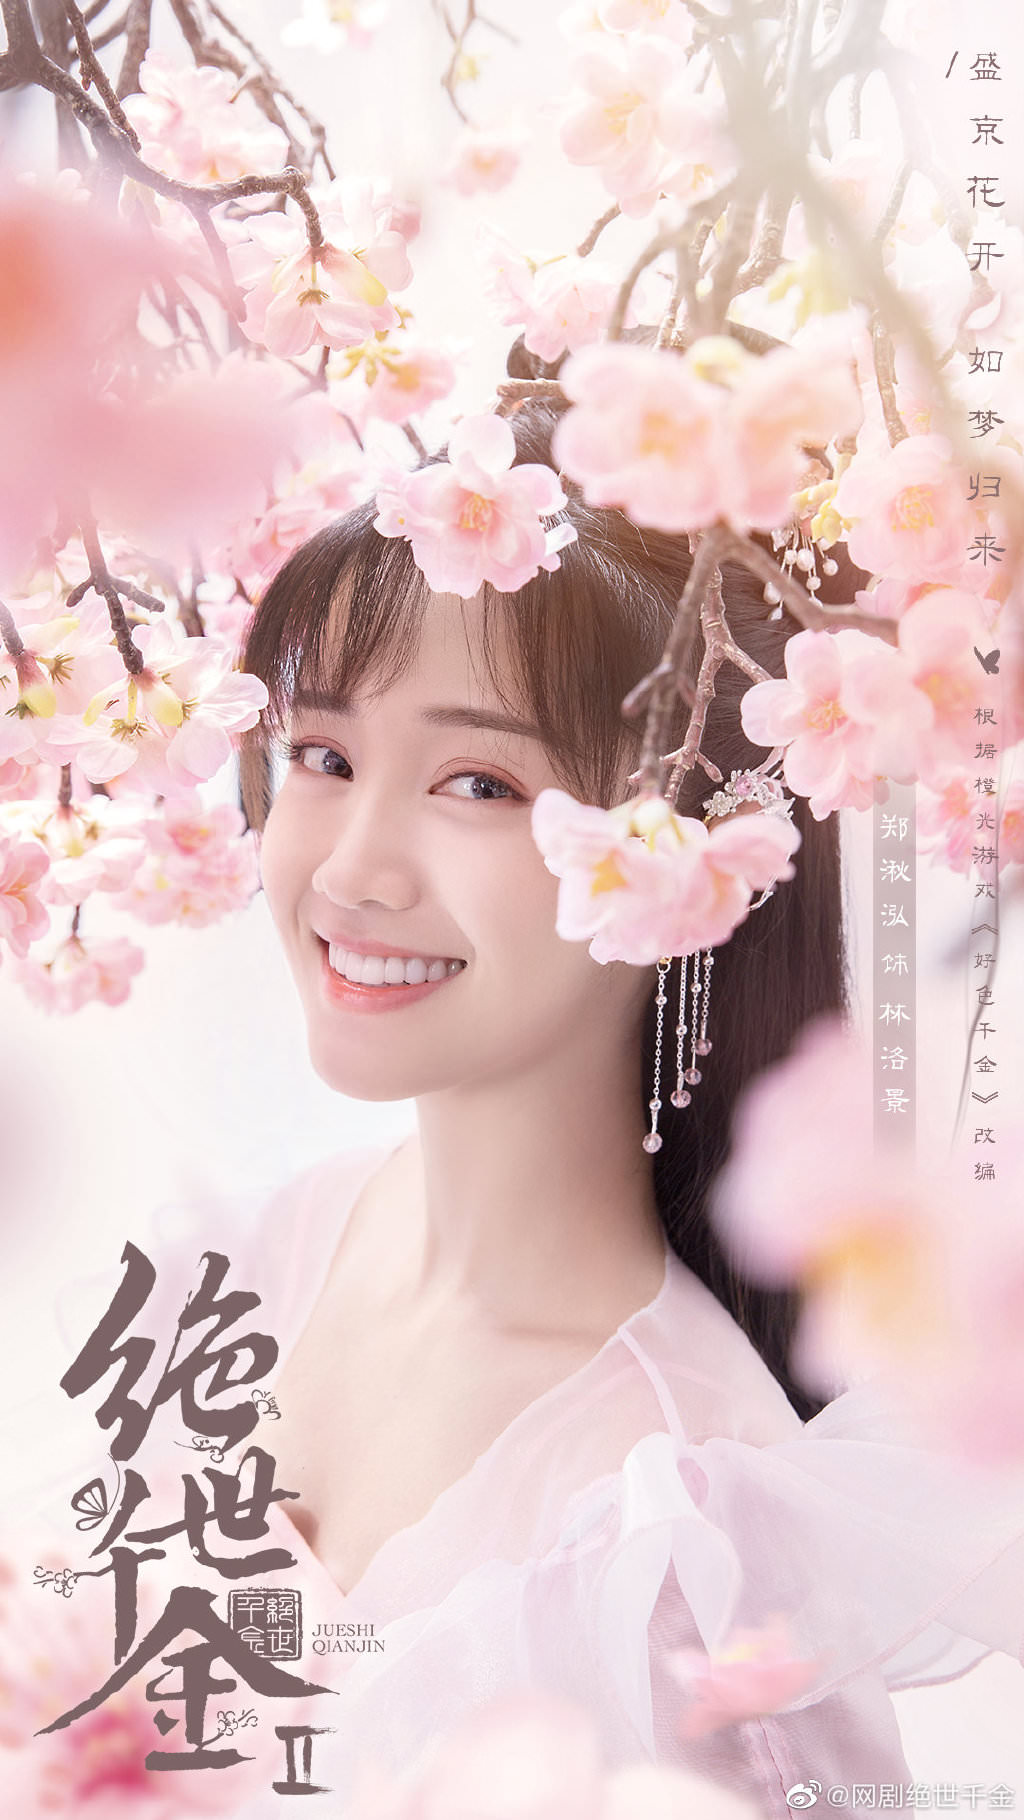 絕世千金2-鄭湫泓